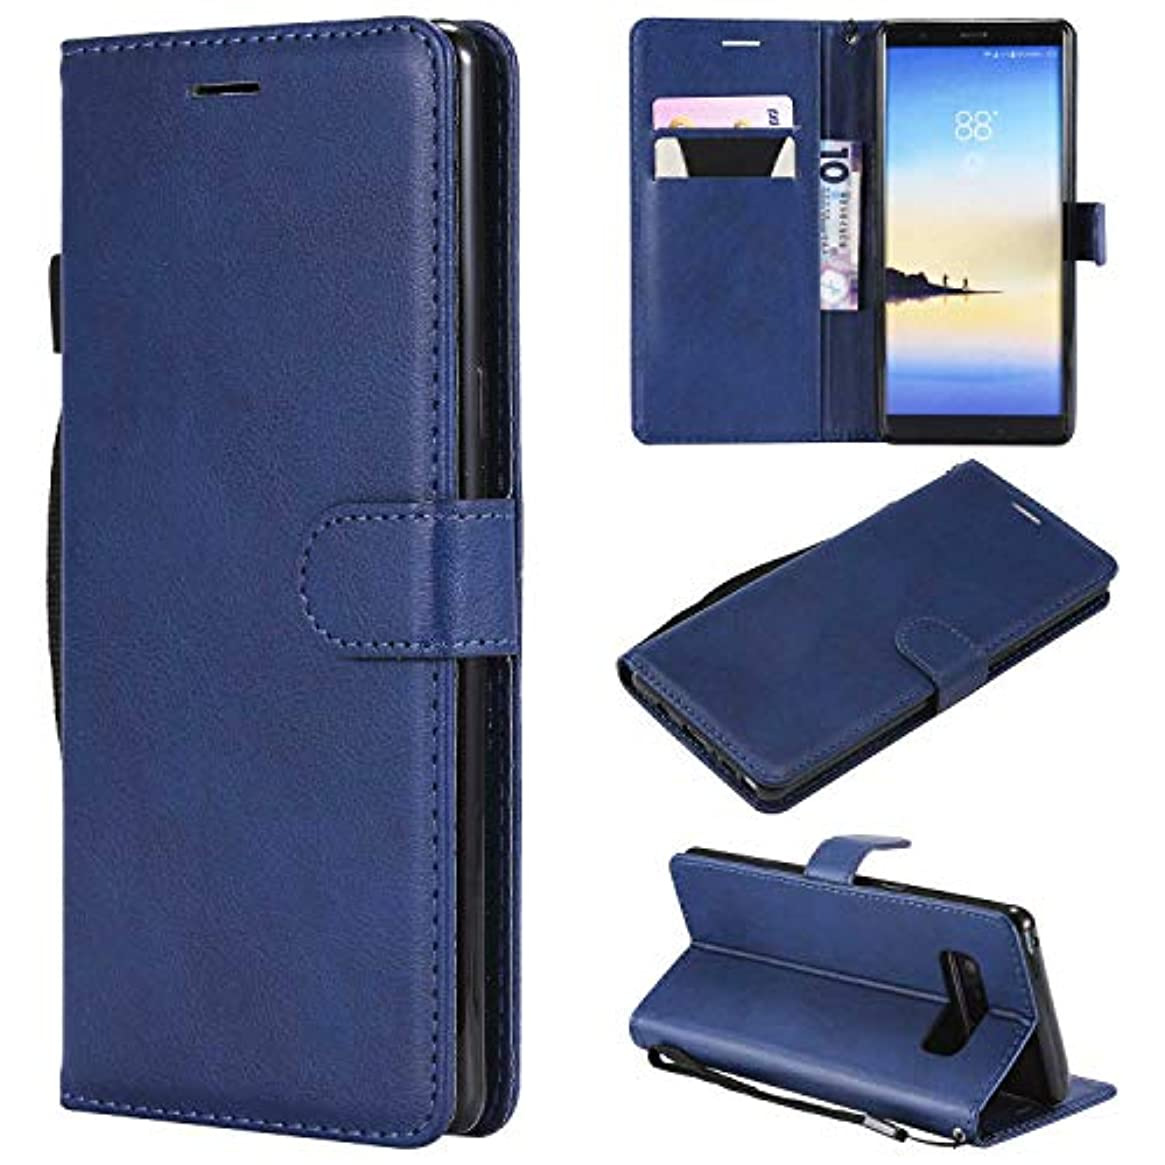 生産的呼吸する恐怖Galaxy Note 8 ケース手帳型 OMATENTI レザー 革 薄型 手帳型カバー カード入れ スタンド機能 サムスン Galaxy Note 8 おしゃれ 手帳ケース (6-ブルー)